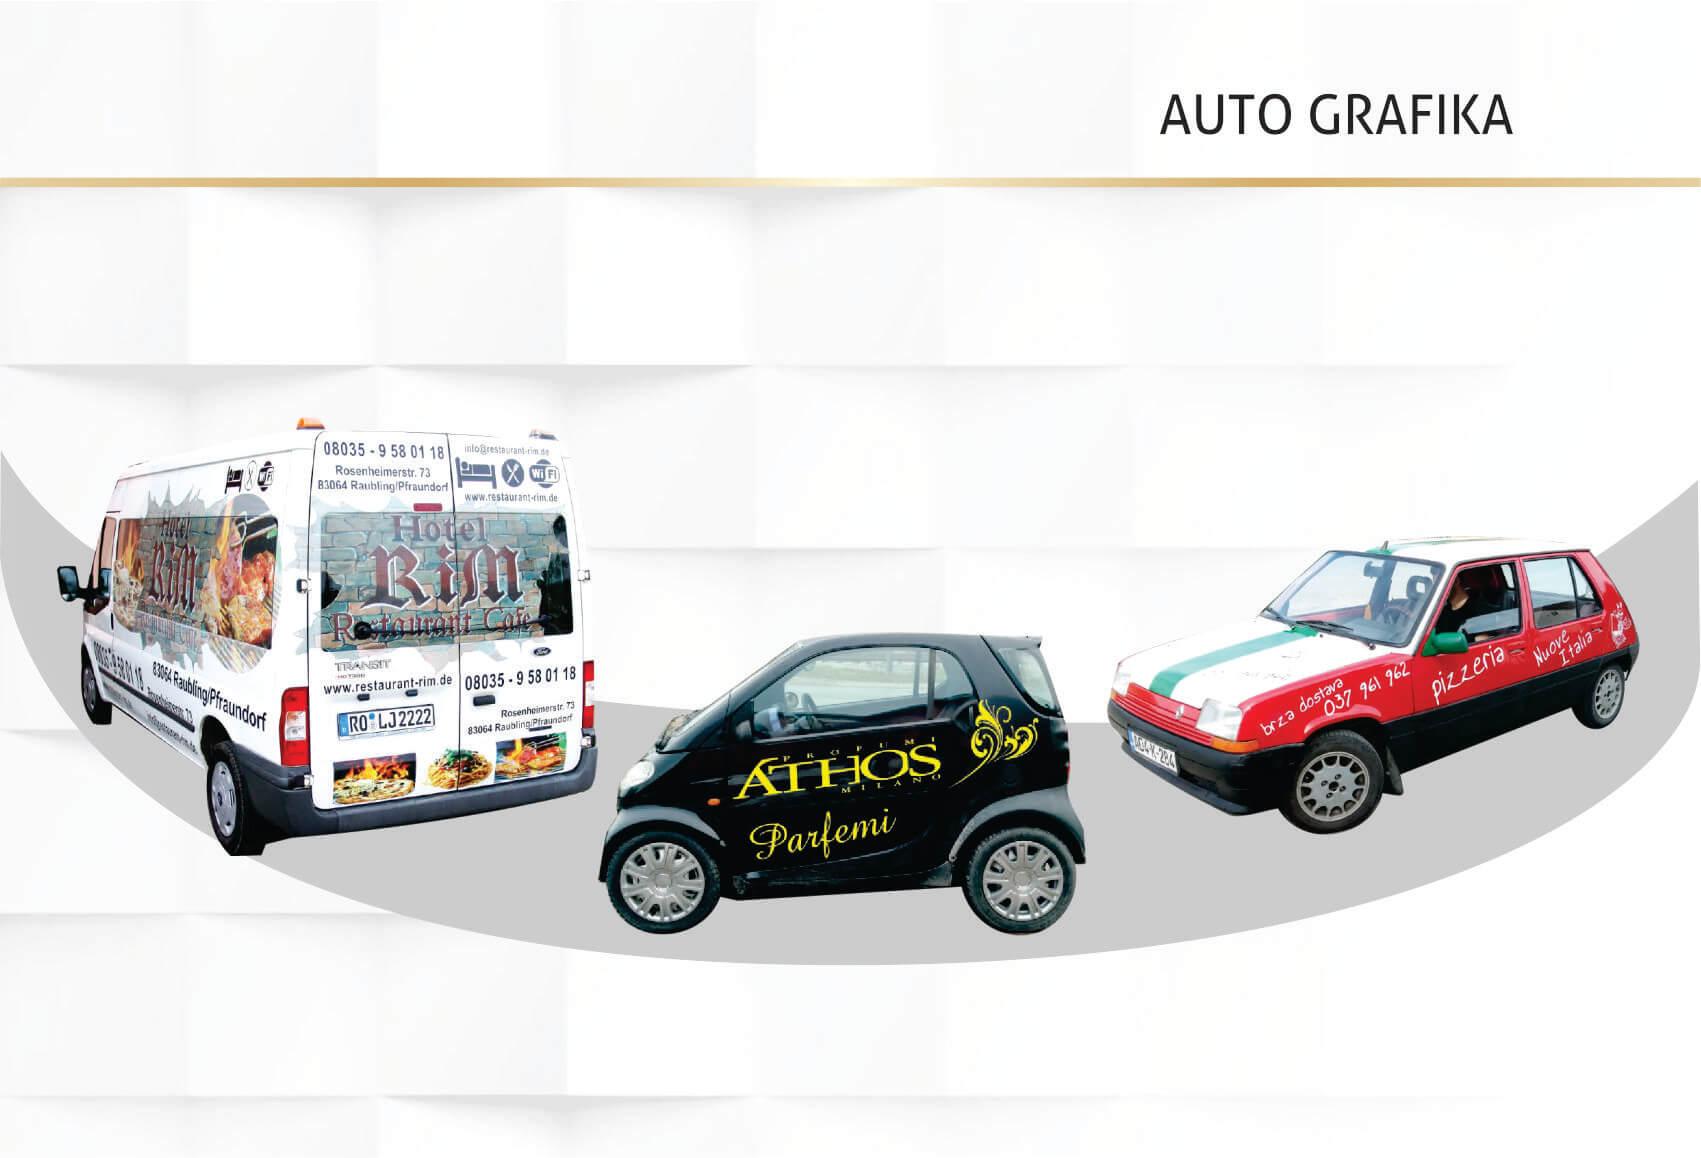 Auto grafika